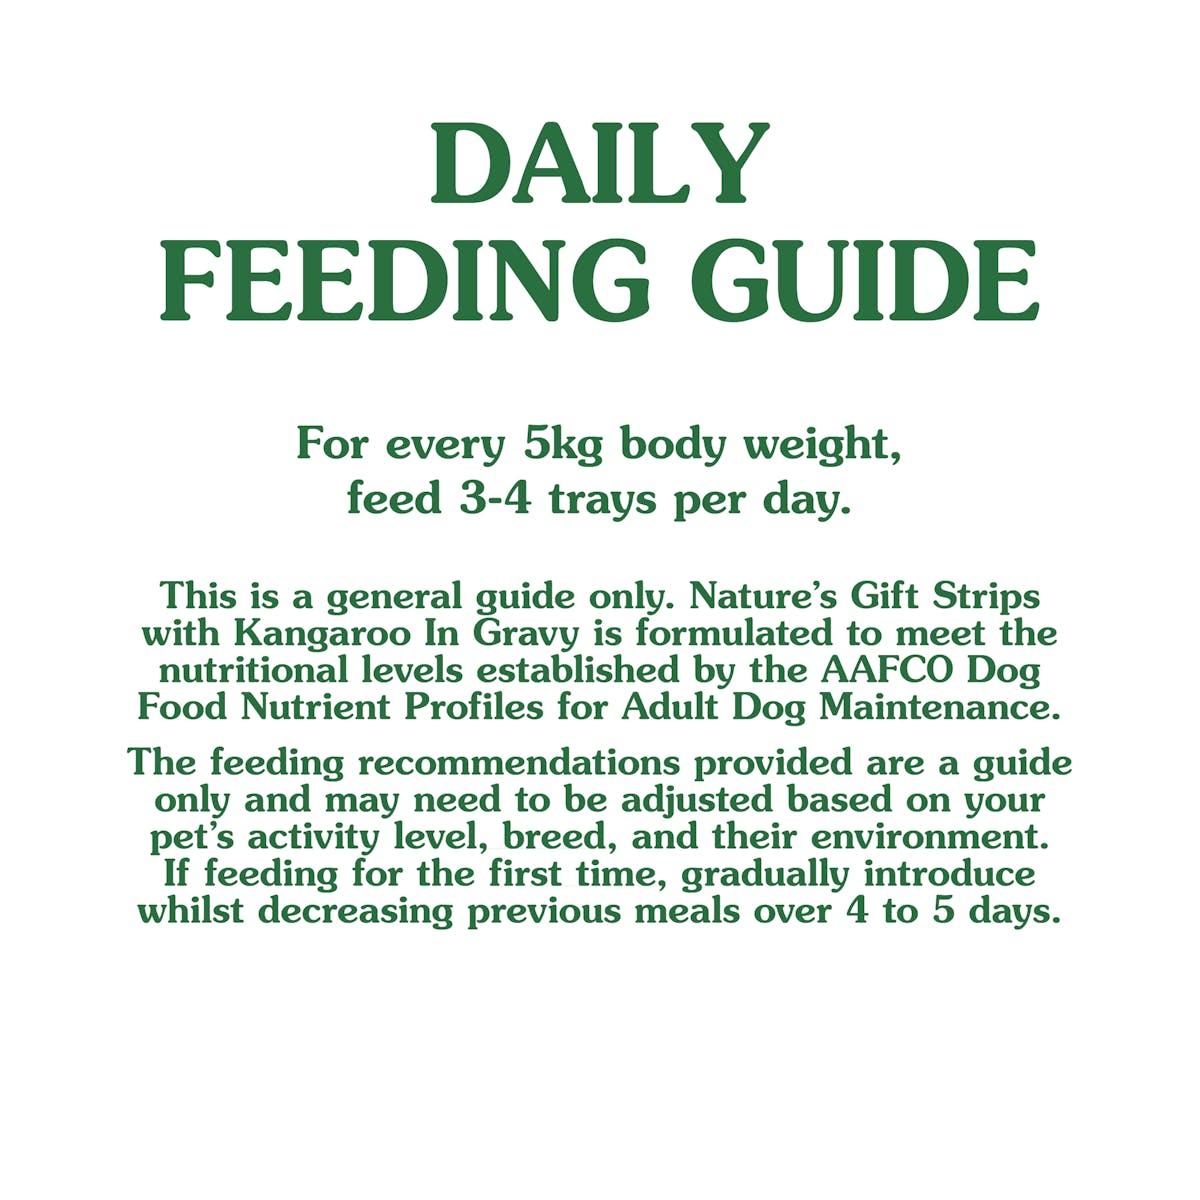 Nature's Gift | Kangaroo in Gravy | Wet dog food | Bottom of pack